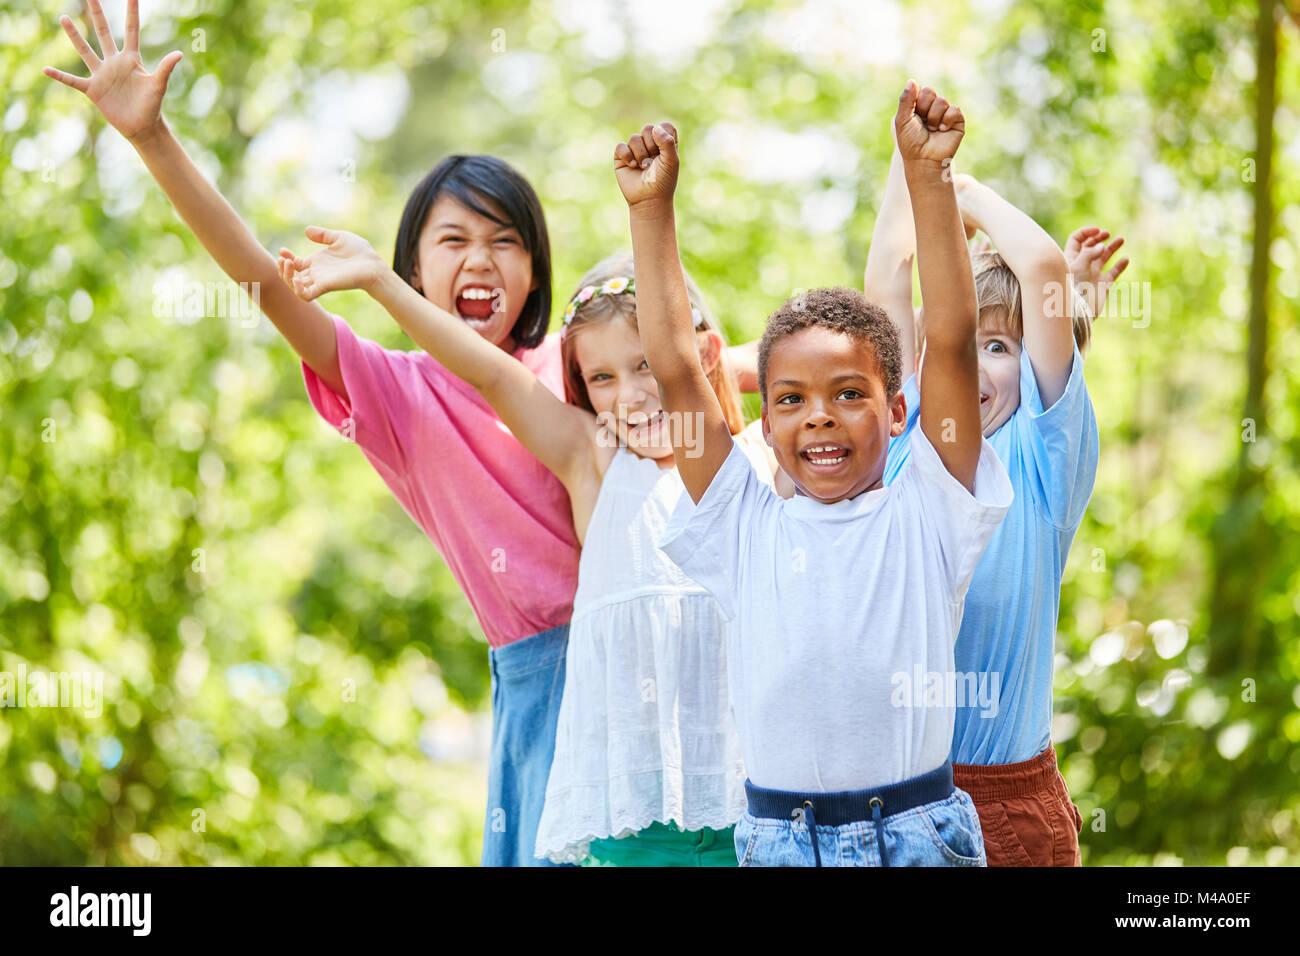 Multikulturelle Gruppe der Kinder begeistert Beifall auf Kindergeburtstag Stockbild